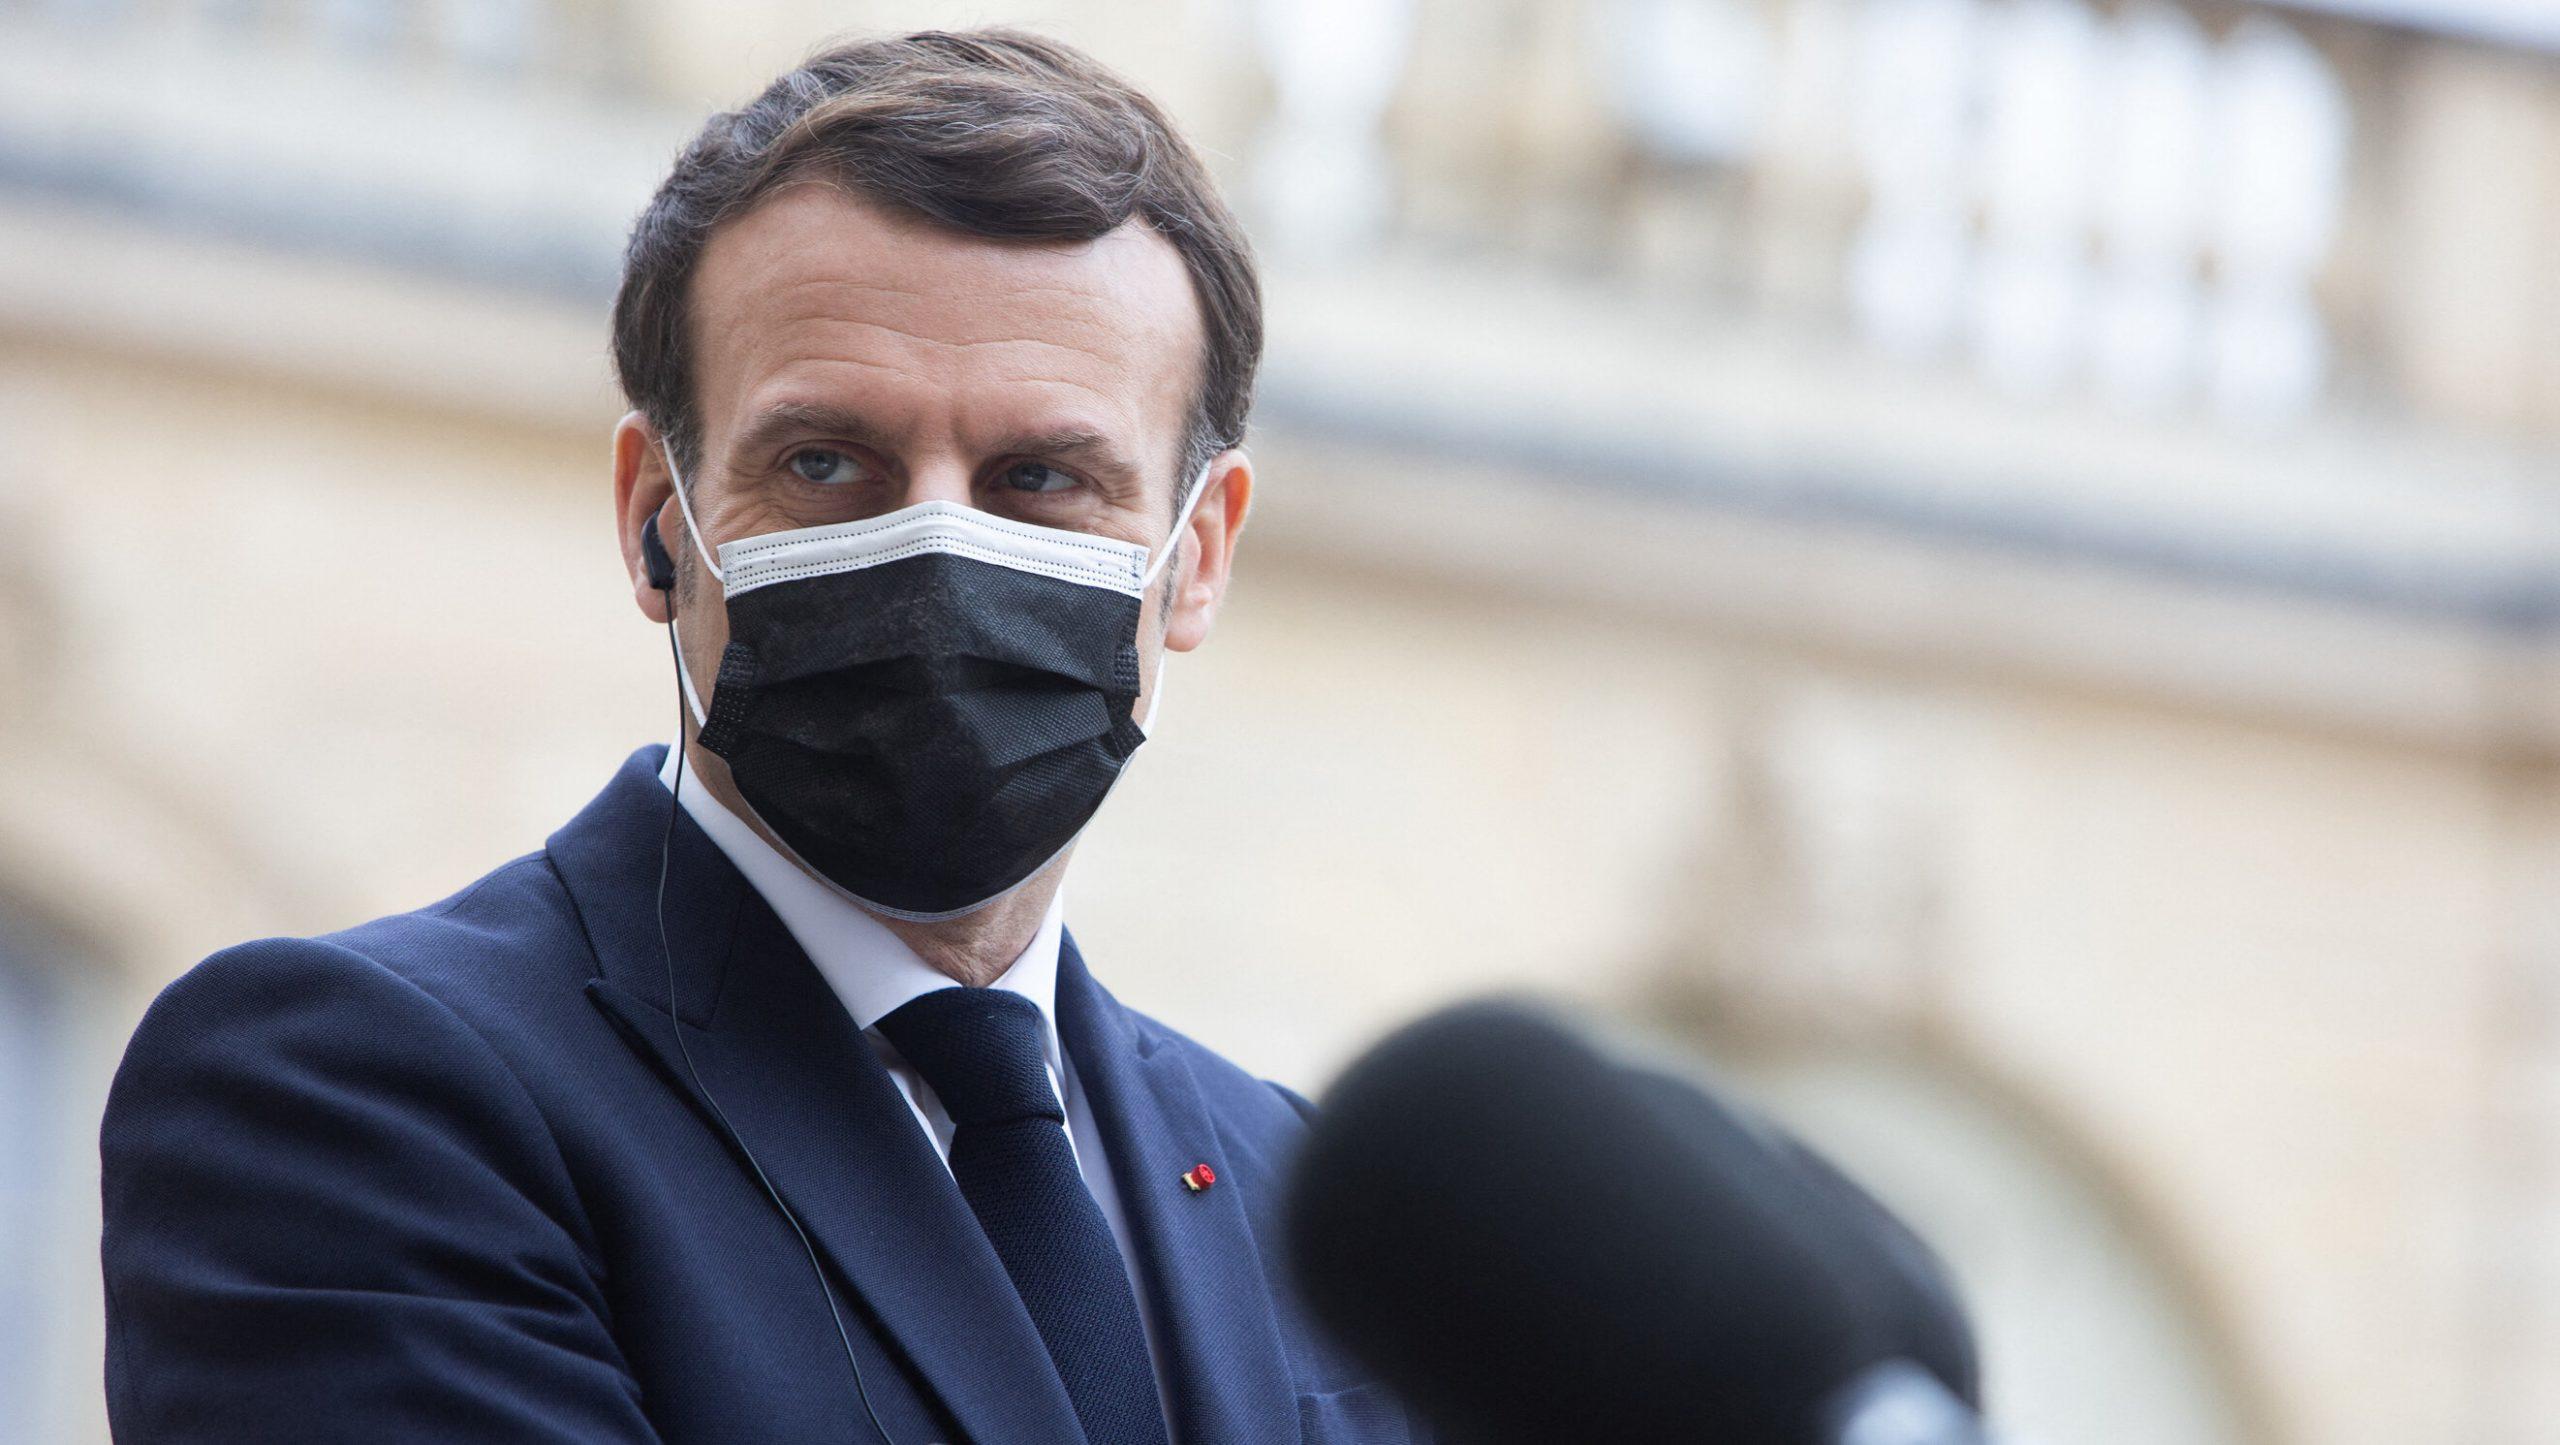 """Macron este împotriva """"pașaportului de vaccinare"""", dar vrea un """"permis de sănătate"""" pentru a redeschide restaurantele și spațiile culturale"""